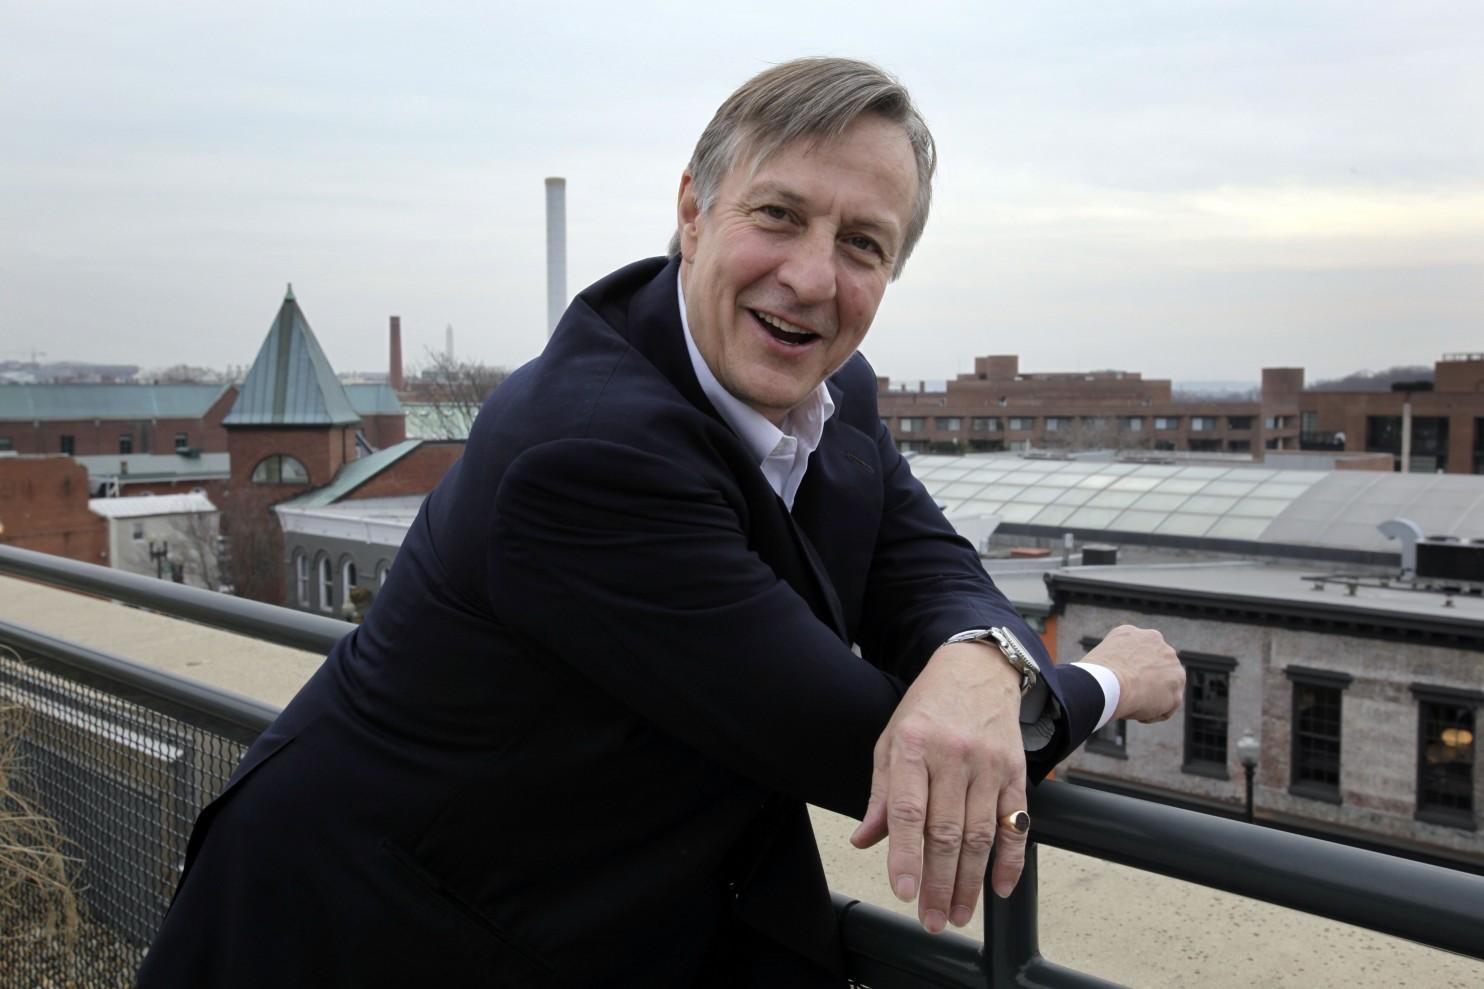 Anthony Lanier, dono do EastBanc, no seu escritório em Washington D.C (EUA) - fotografia do The Washington Post